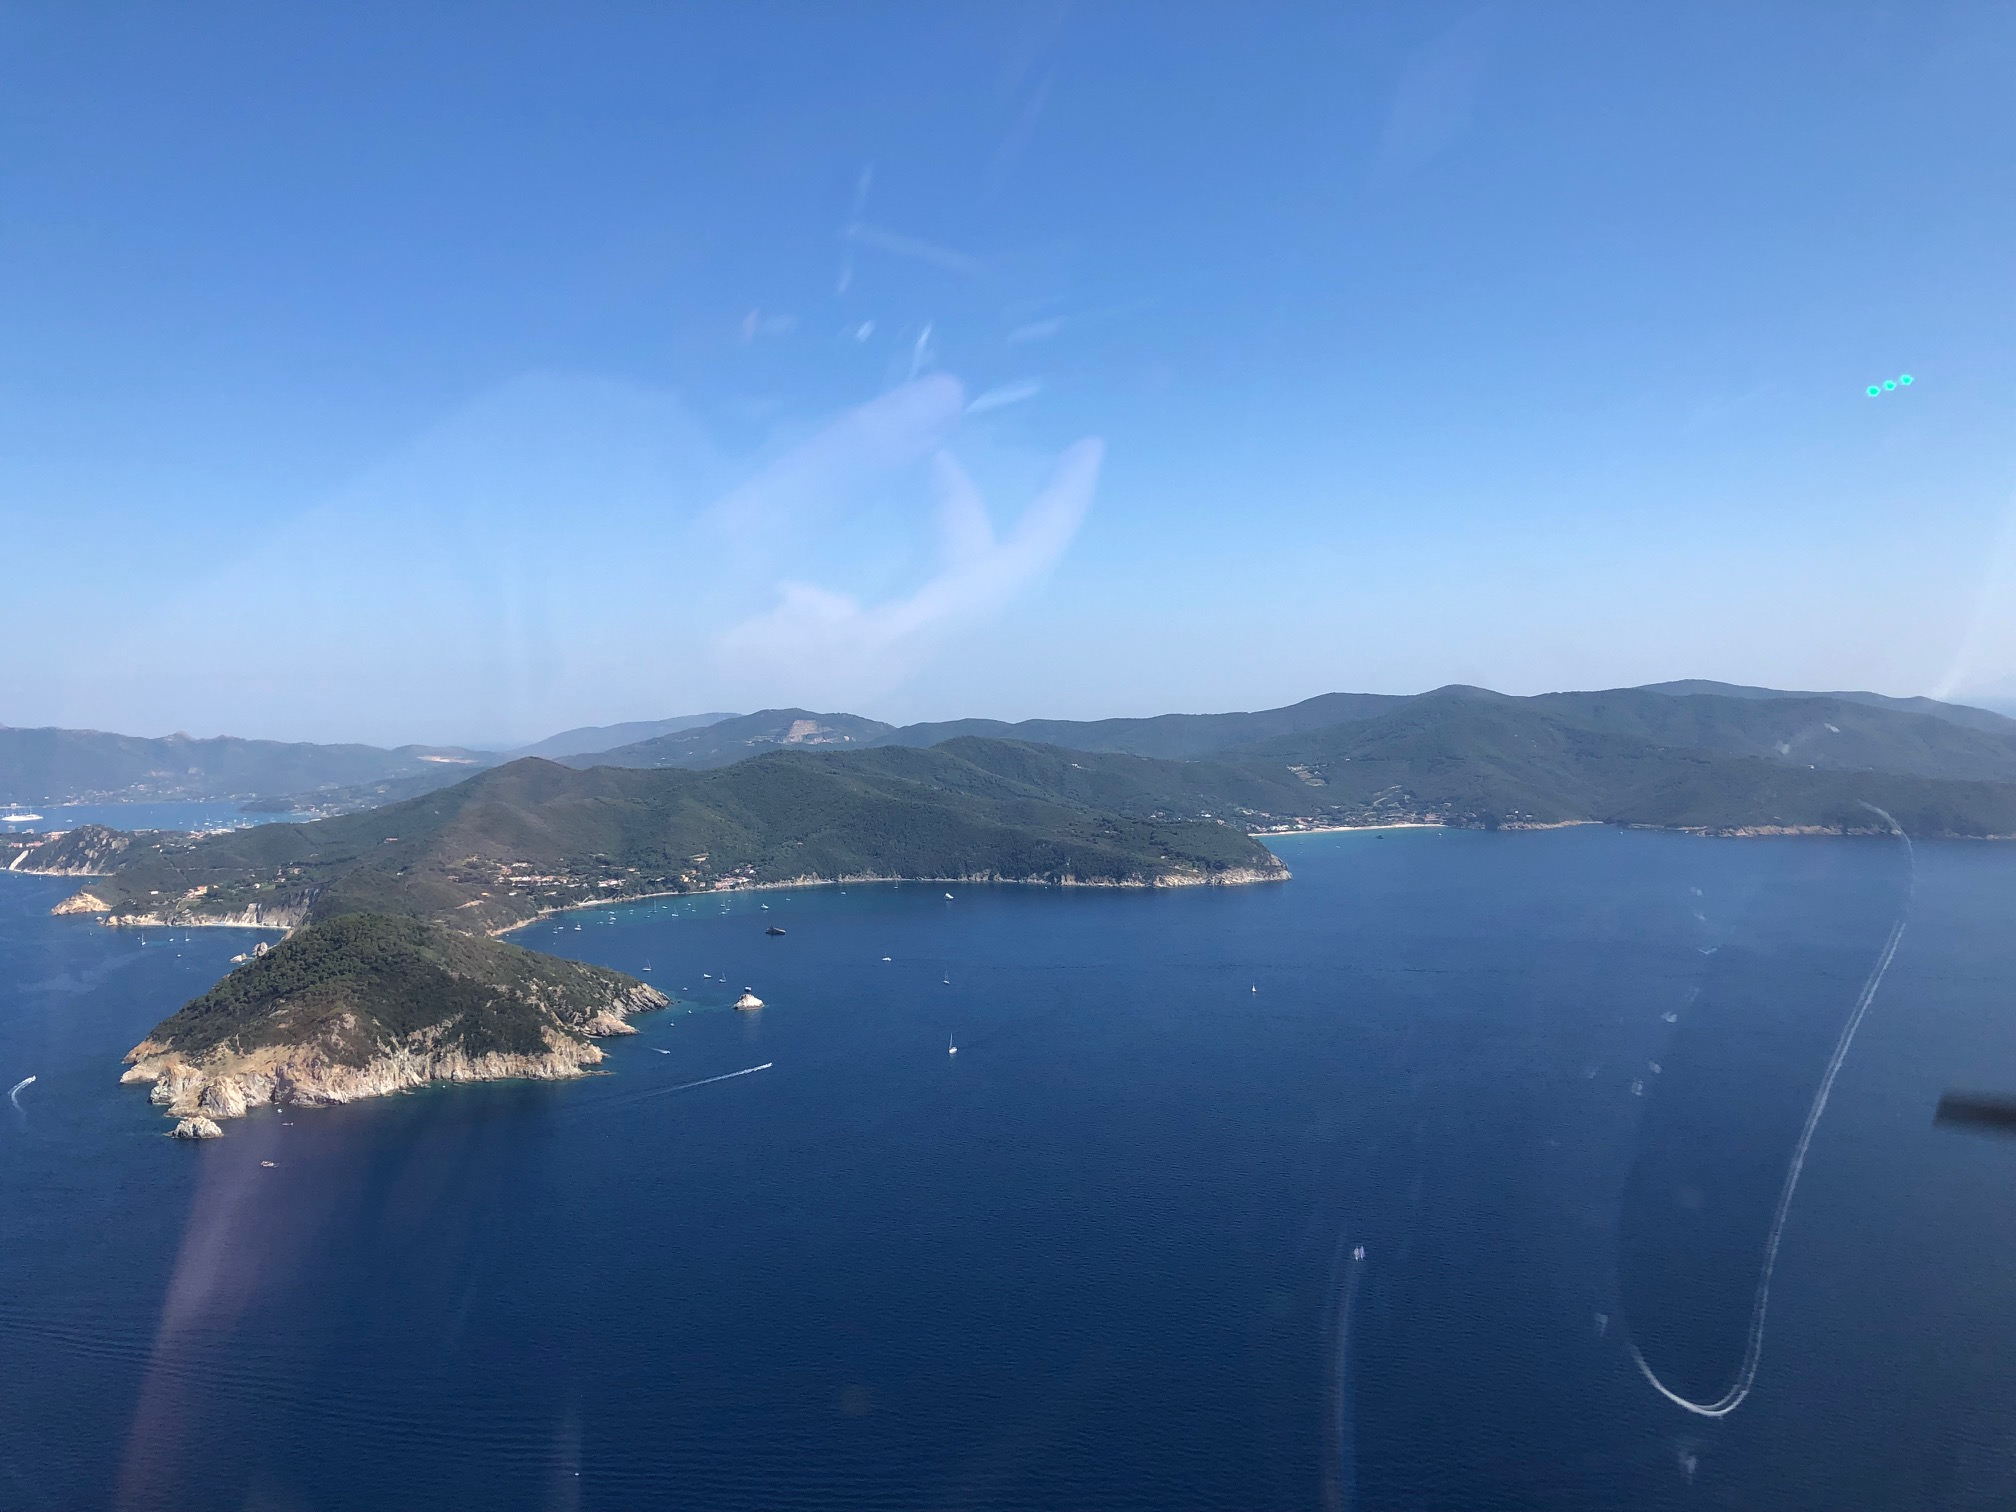 Unsere D-KYGL im Anflug auf Elba. Danke an Andreas und Francesco für das schöne Bild!